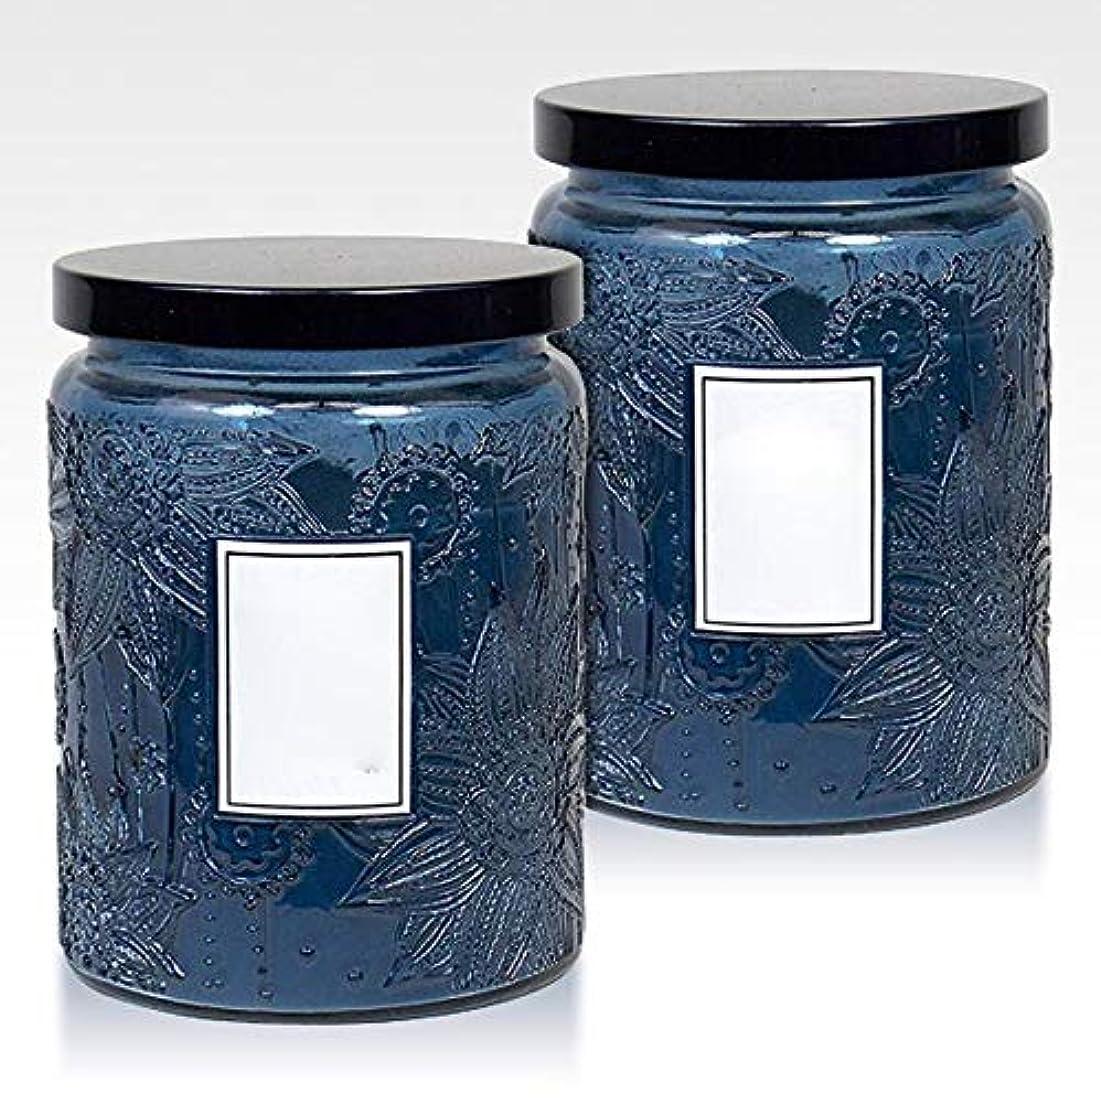 ひいきにする技術者共産主義者16Oz大きい缶2つの中心の香料入りの蝋燭の環境に優しい植物の精油の大豆のワックスの無煙蝋燭セット(5箱)